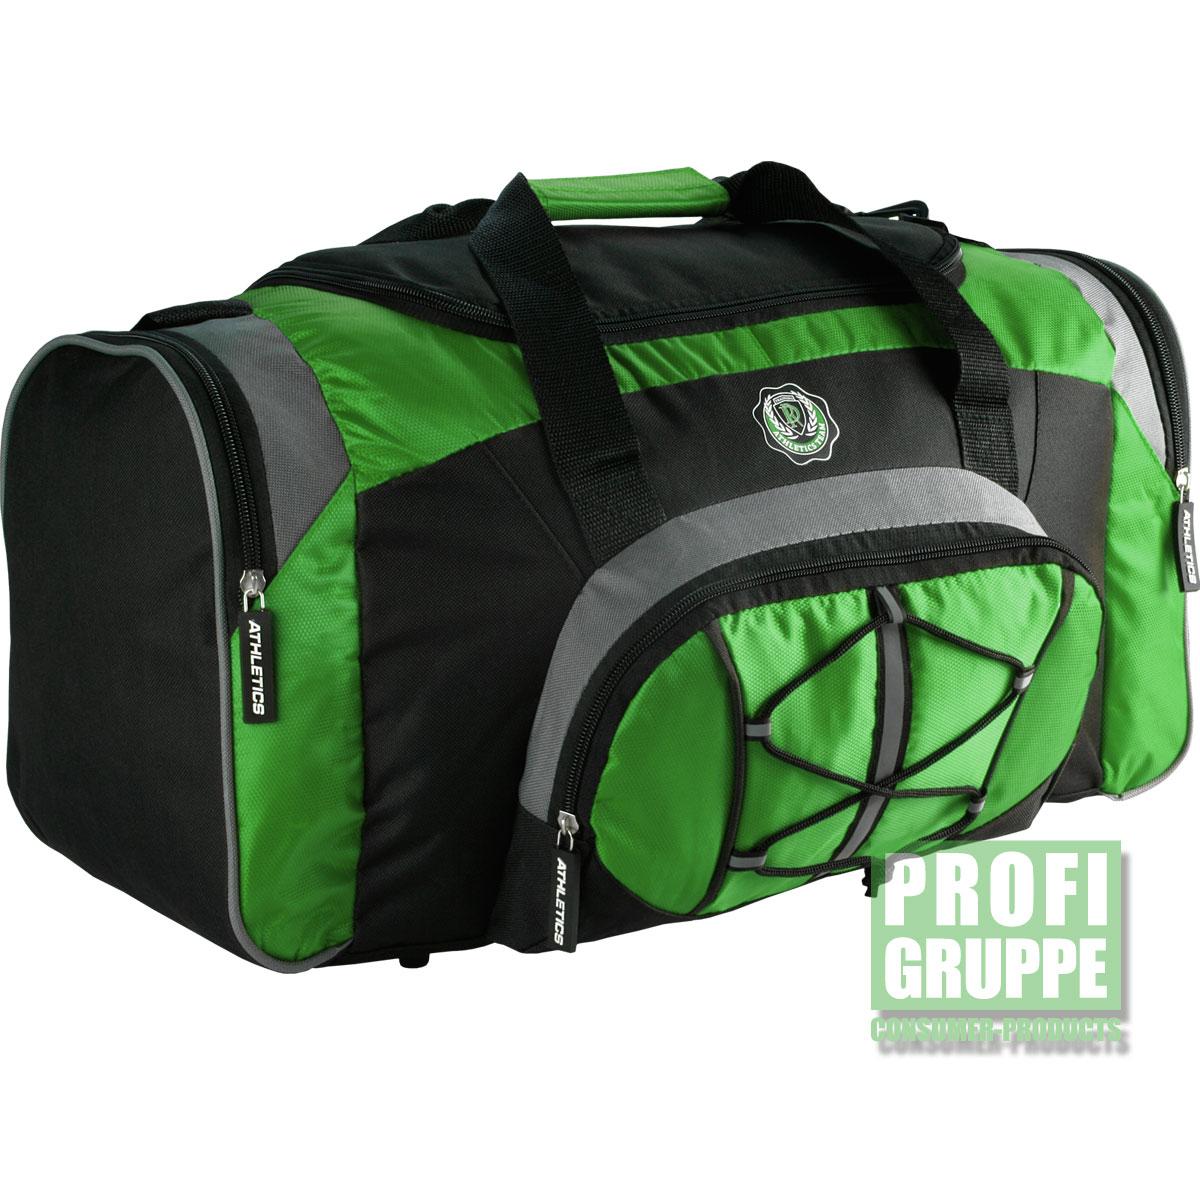 Sporttasche-Reisetasche-Freizeittasche-Trainingstasche-Bag-Tasche-Club-Team-NEU